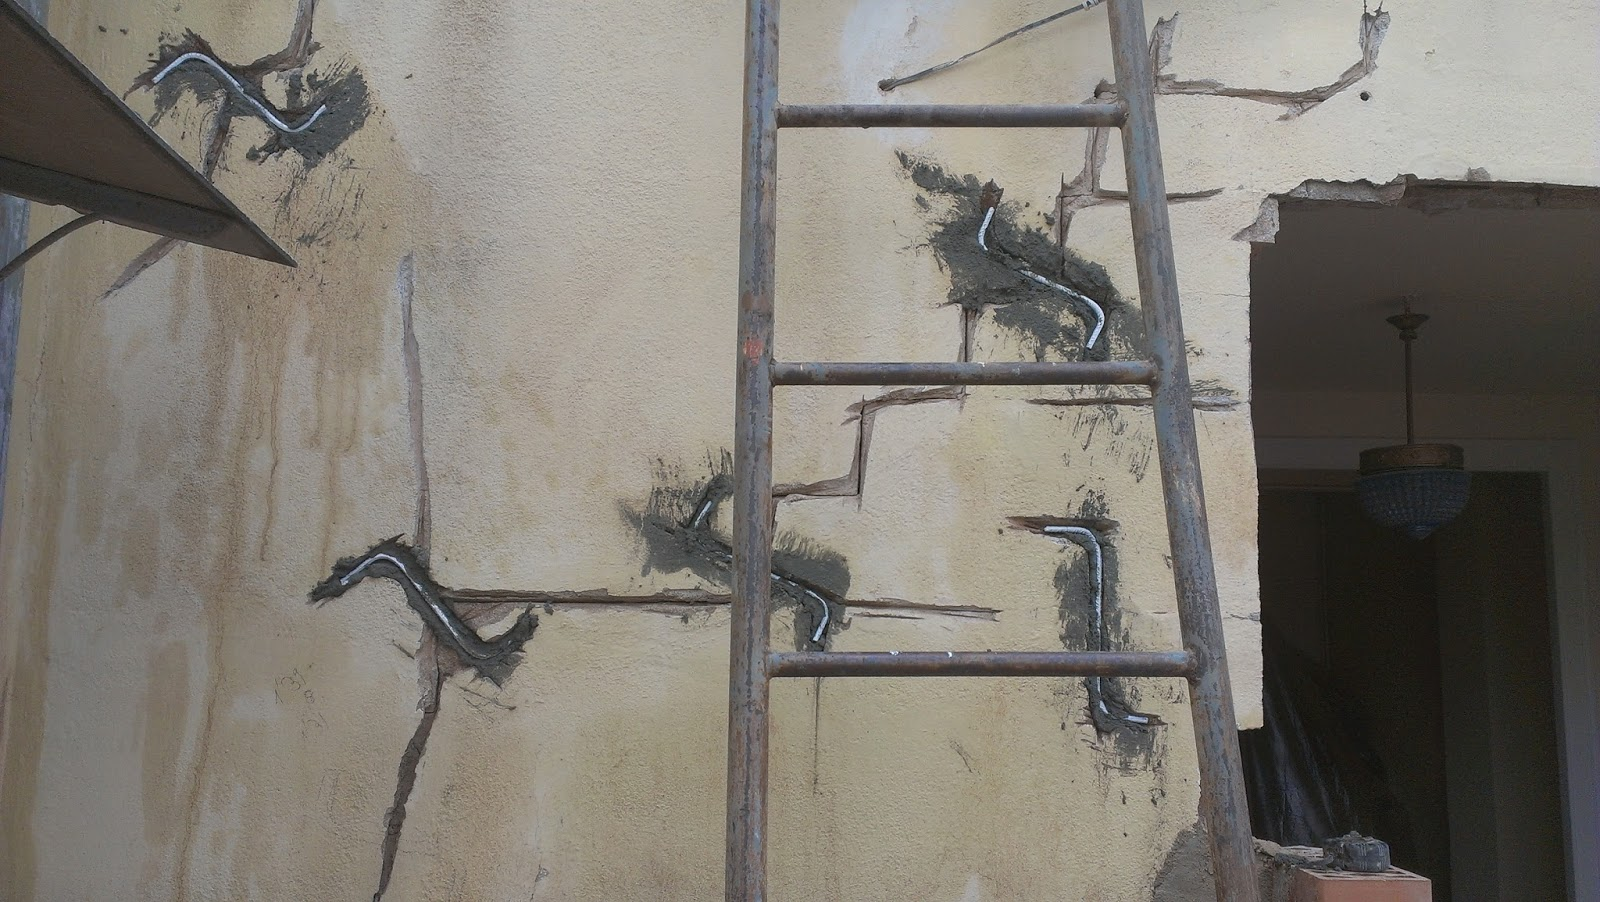 Reparar grietas con grapas de acero inoxidable belinox - Reparar grietas pared ...